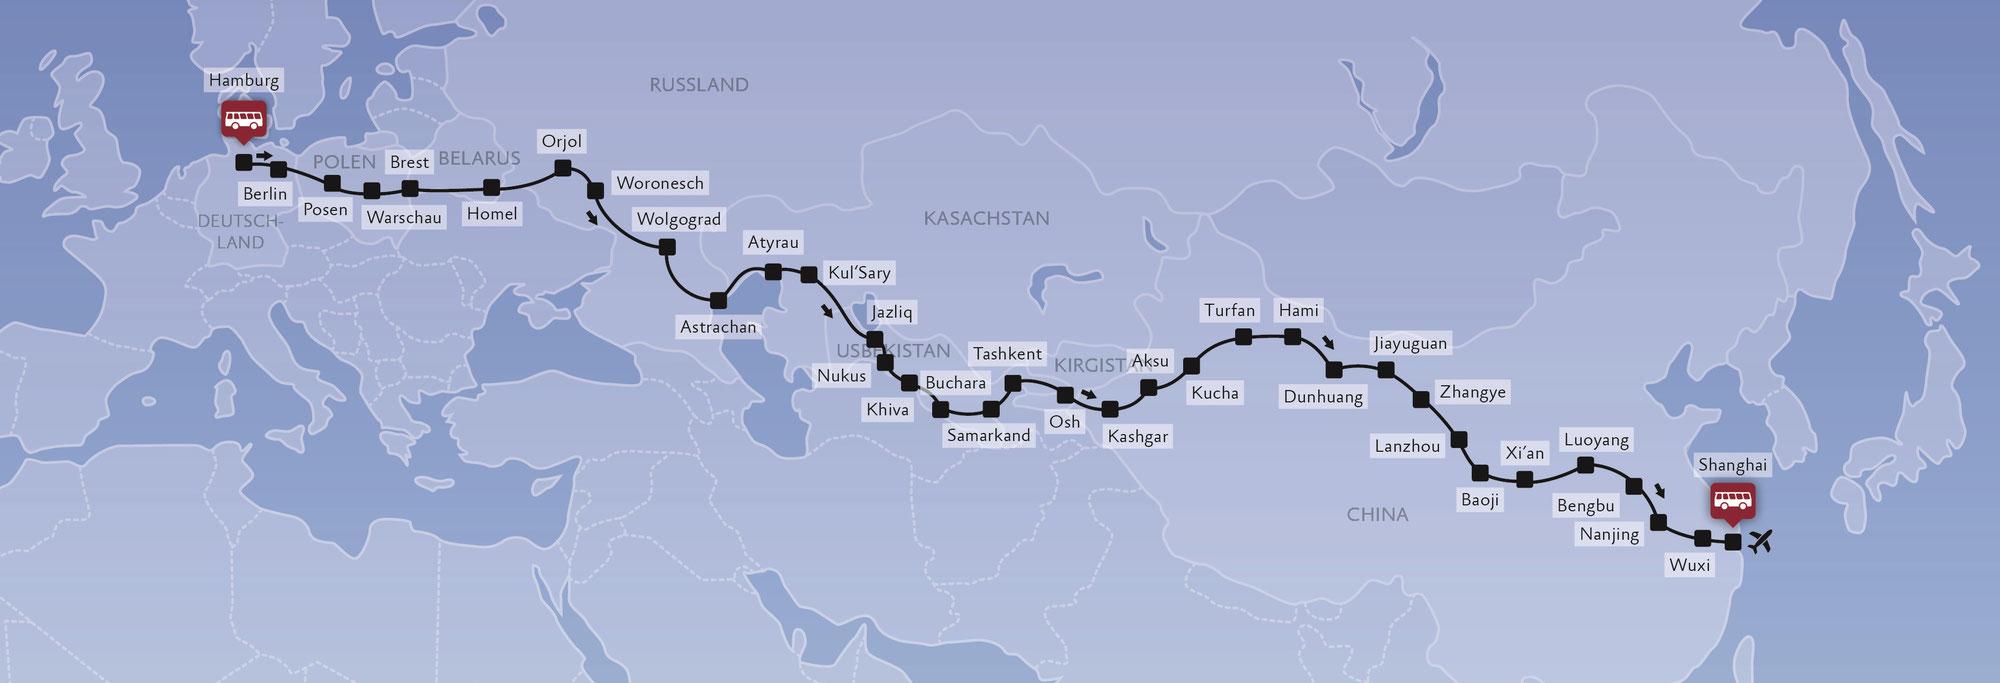 Unsere Reise mit der ZEIT, 2017